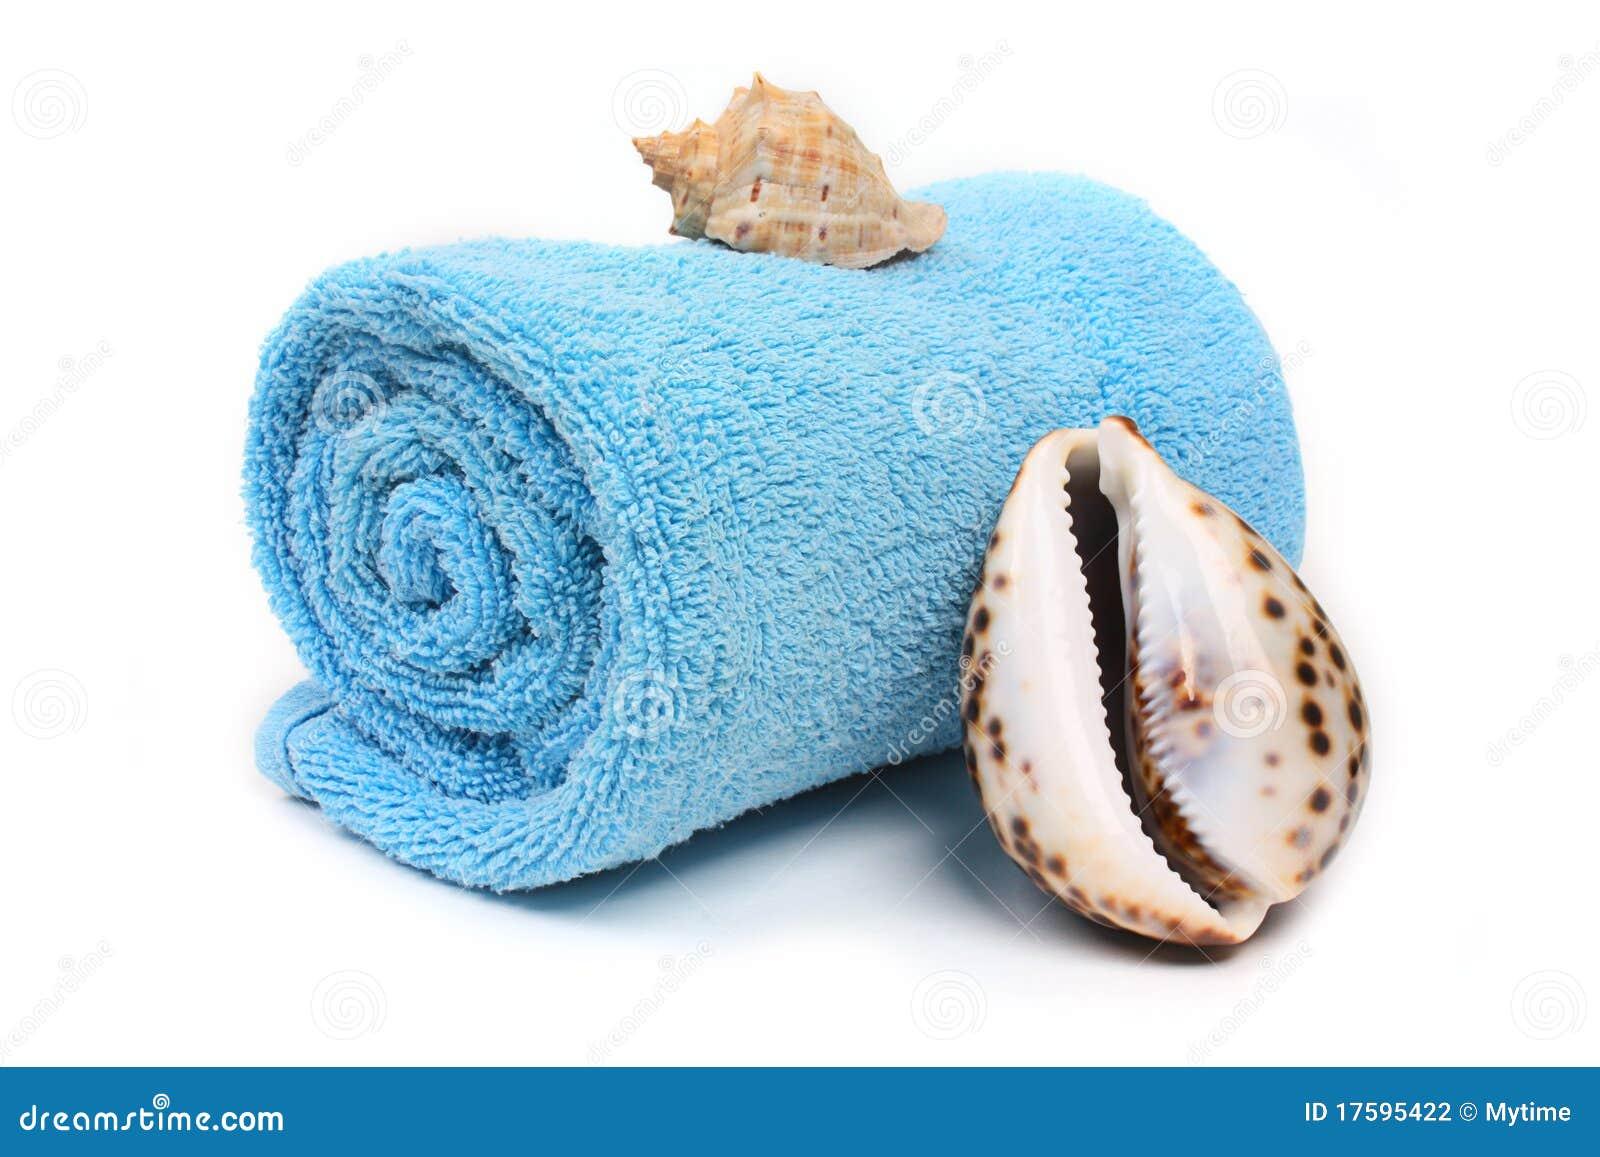 Essuie-main de plage bleu avec des seashells